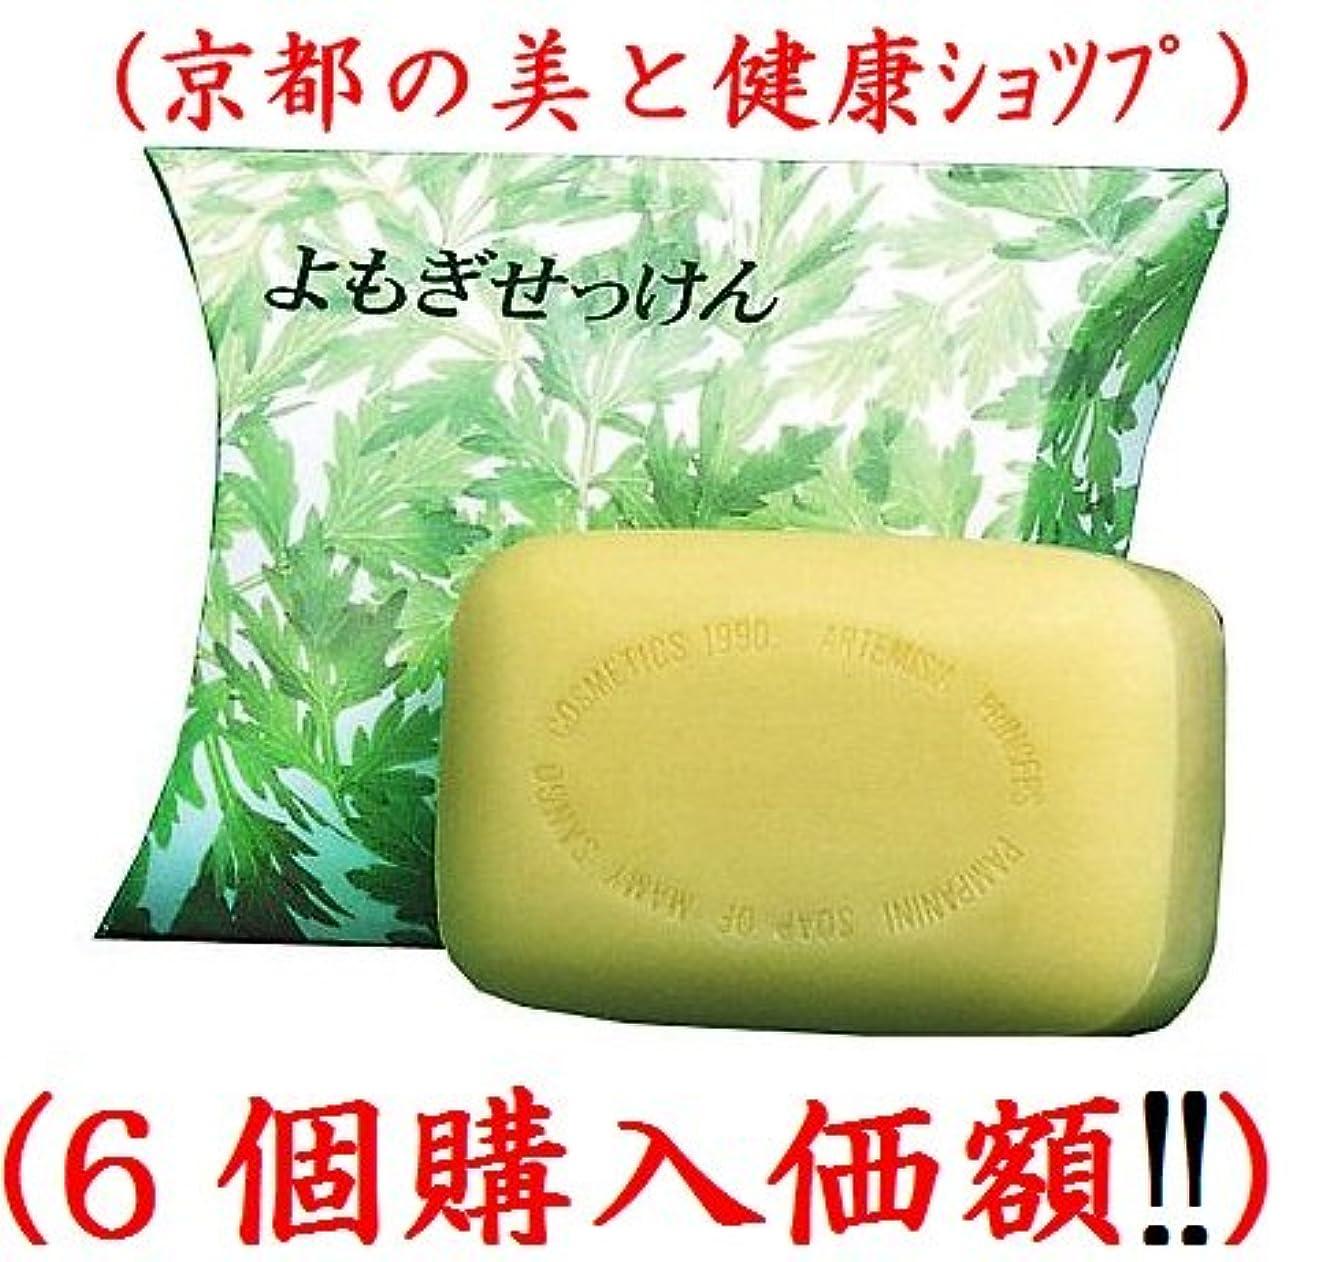 親愛な増加する忘れっぽいマミーサンゴソープAよもぎ石鹸95g(6個購入価額)